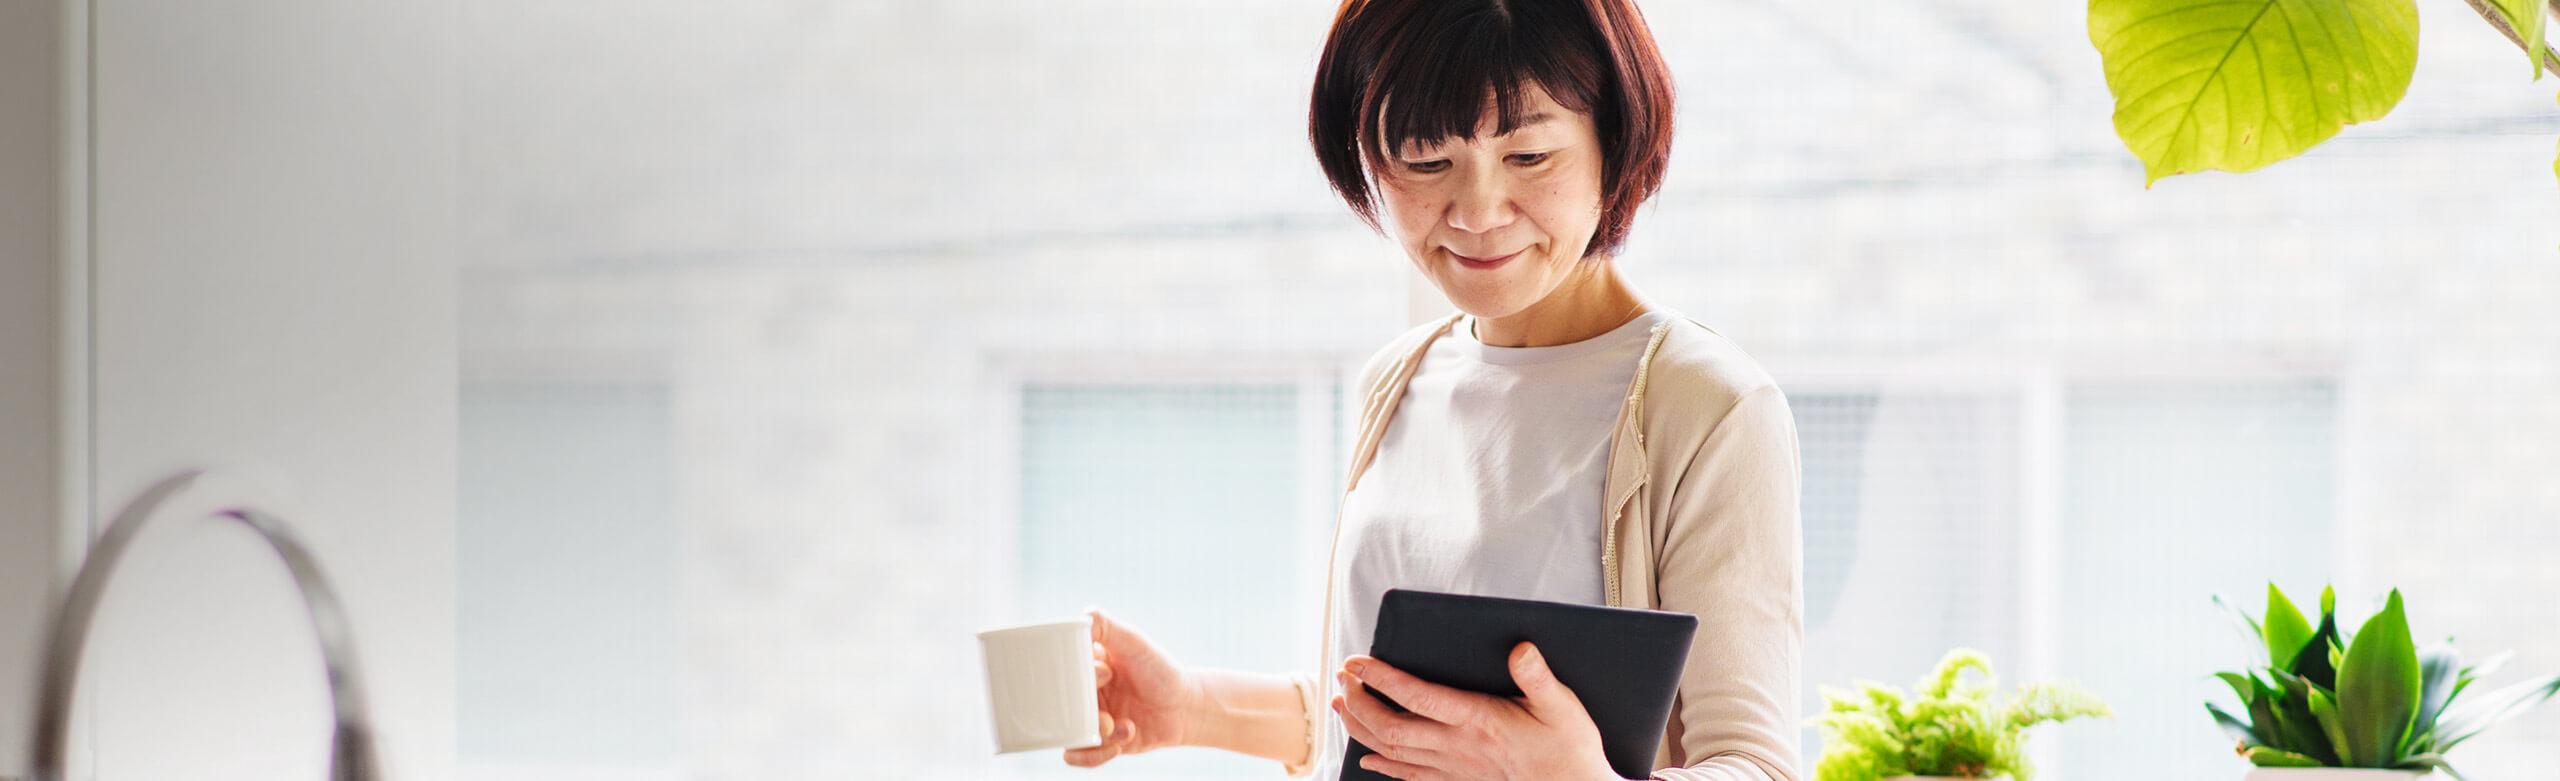 Woman holding coffee mug and tablet